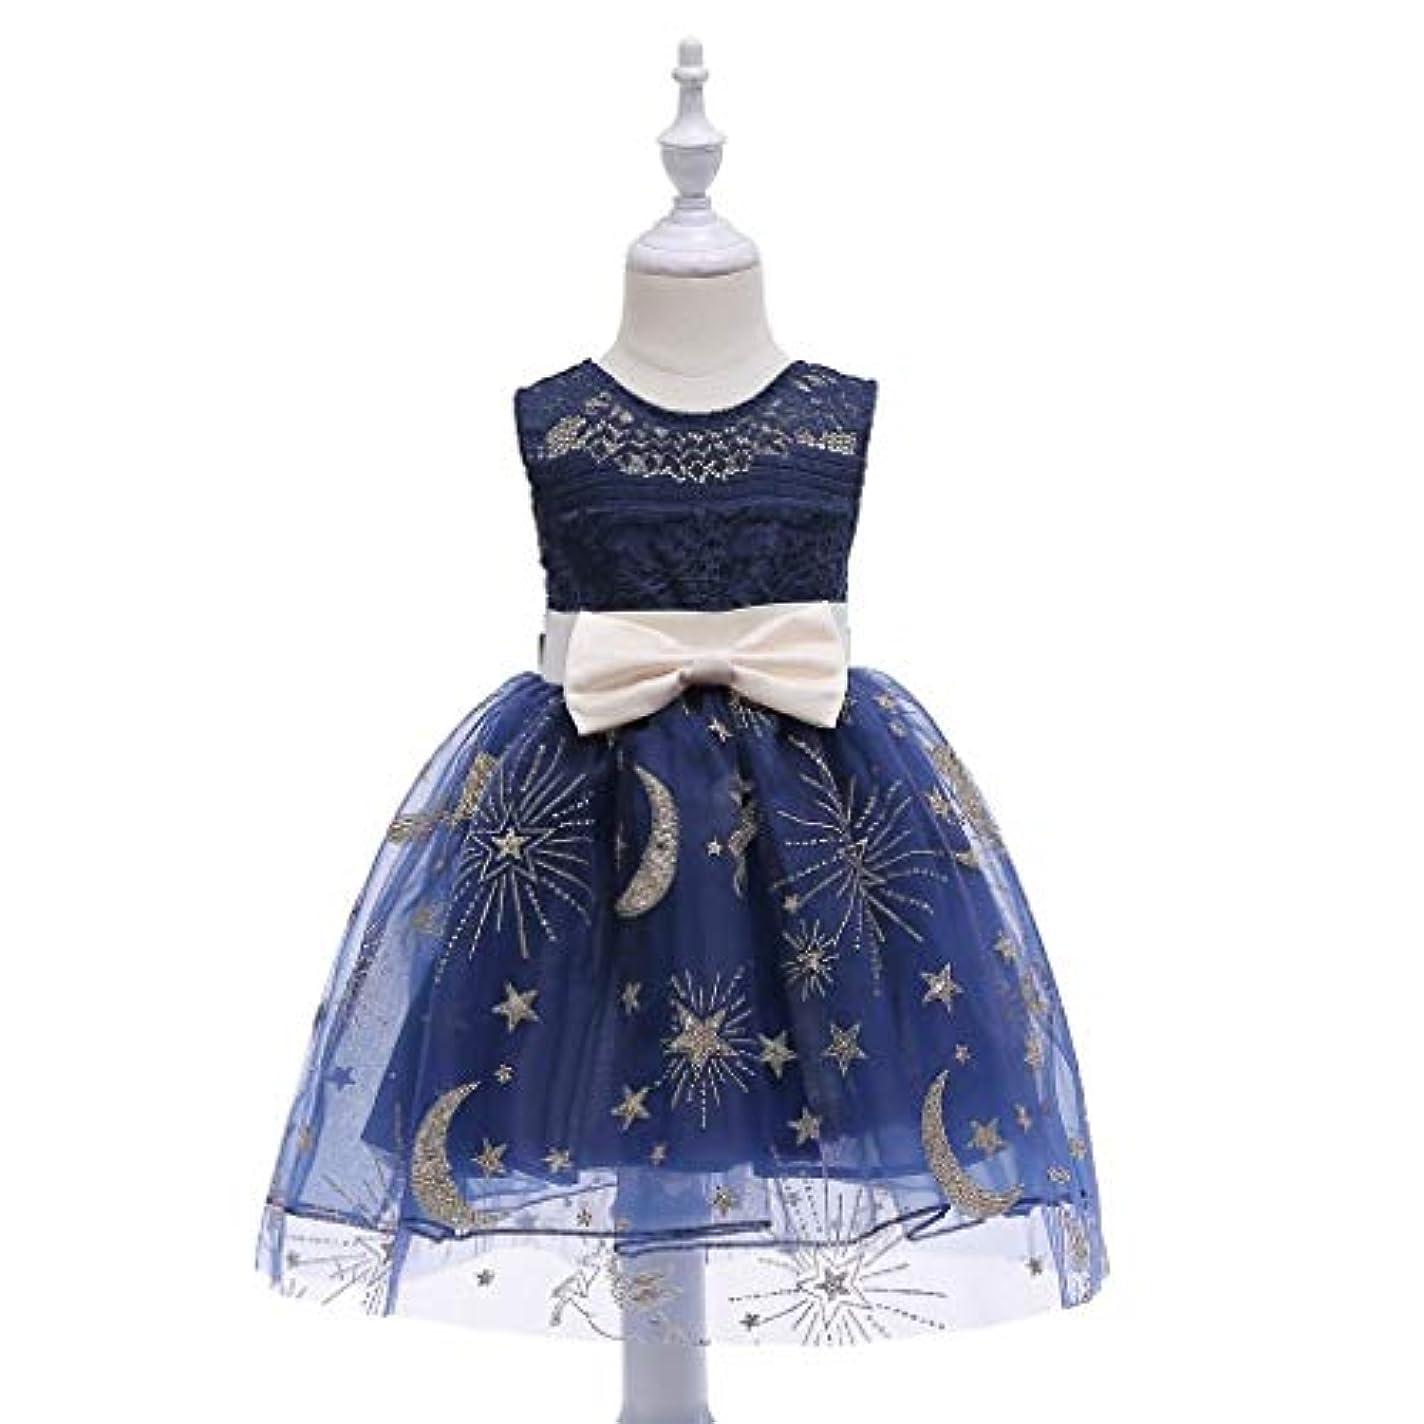 文献分配します明確にWASAIO ガールドレス幼児2-10歳青のためのレースの結婚式のパーティードレス (Color : Blue, Size : 150#)